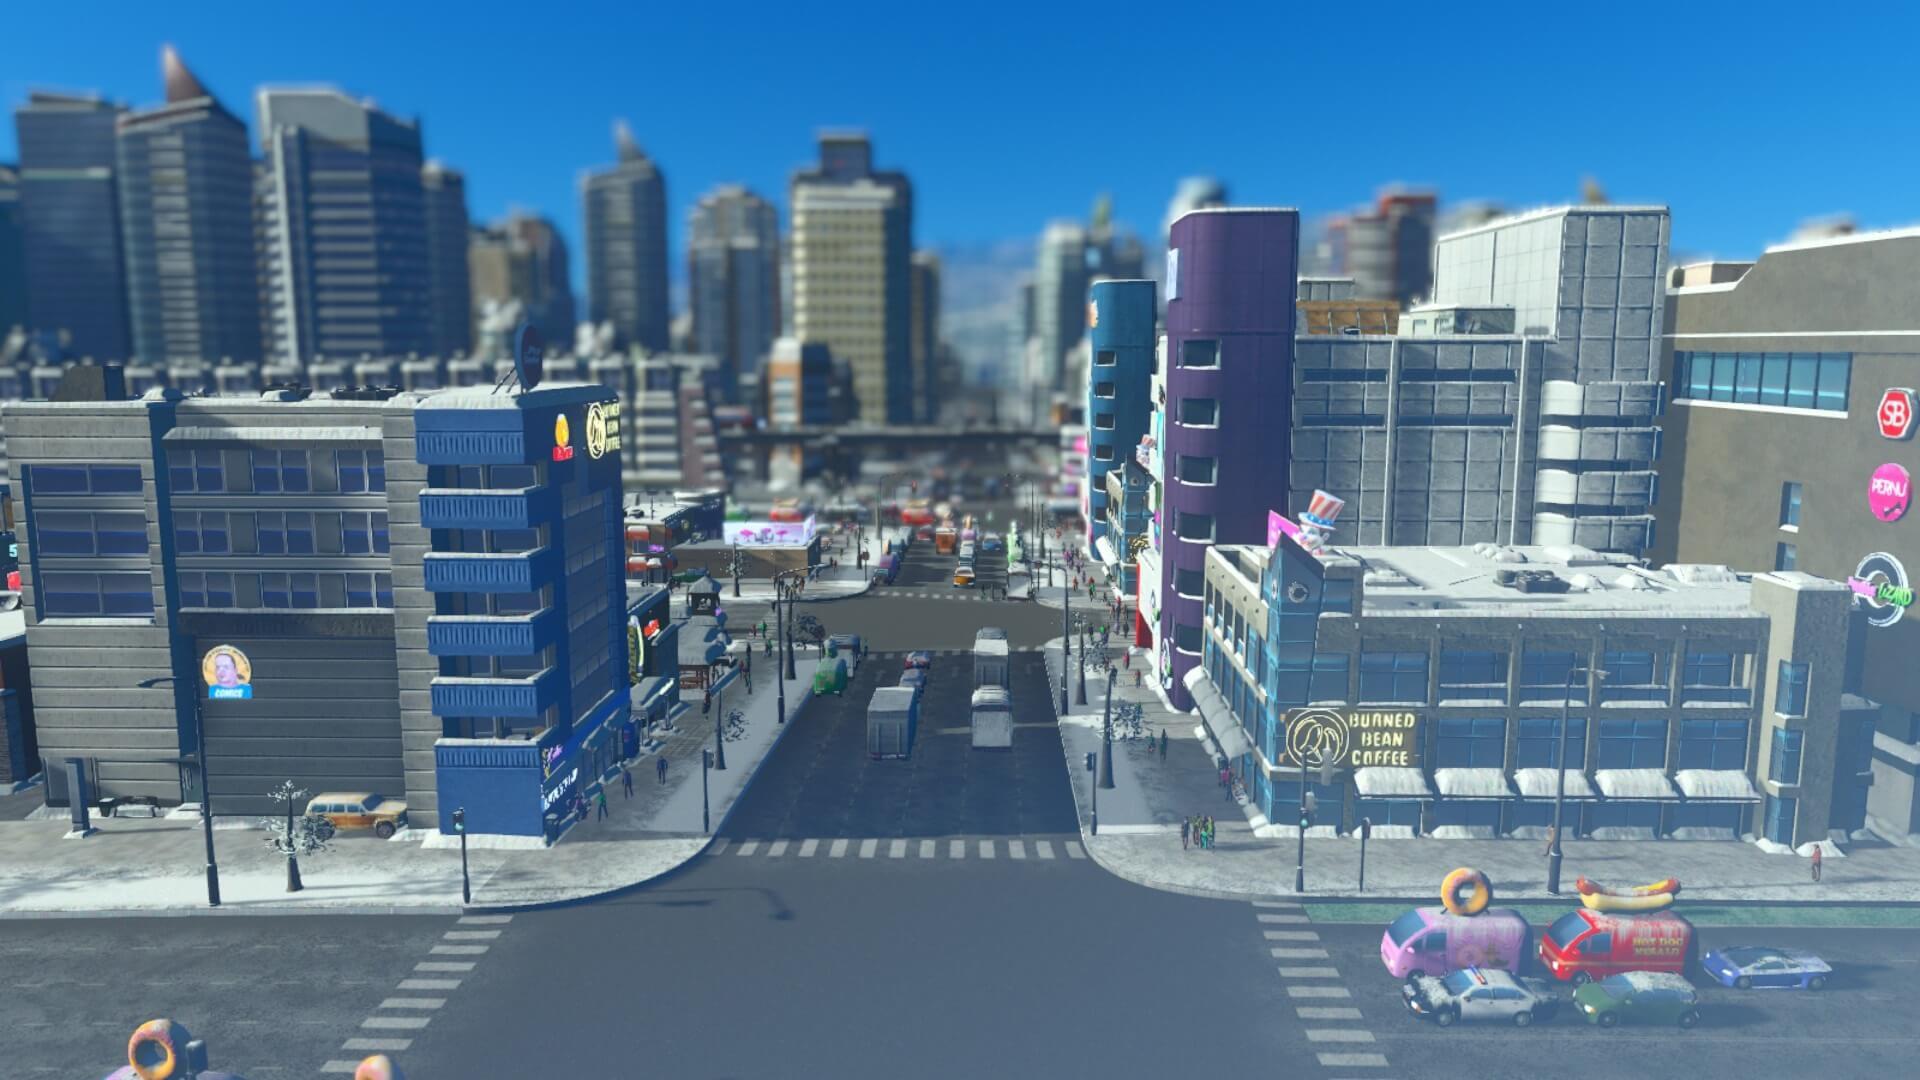 Traffic016-1-1024x576 【シティーズ スカイライン 攻略ブログ】 初心者の為の高速道路周辺の渋滞解消法 Cities:Skylines(シティーズ:スカイライン ) 街作りシミュレーションゲーム